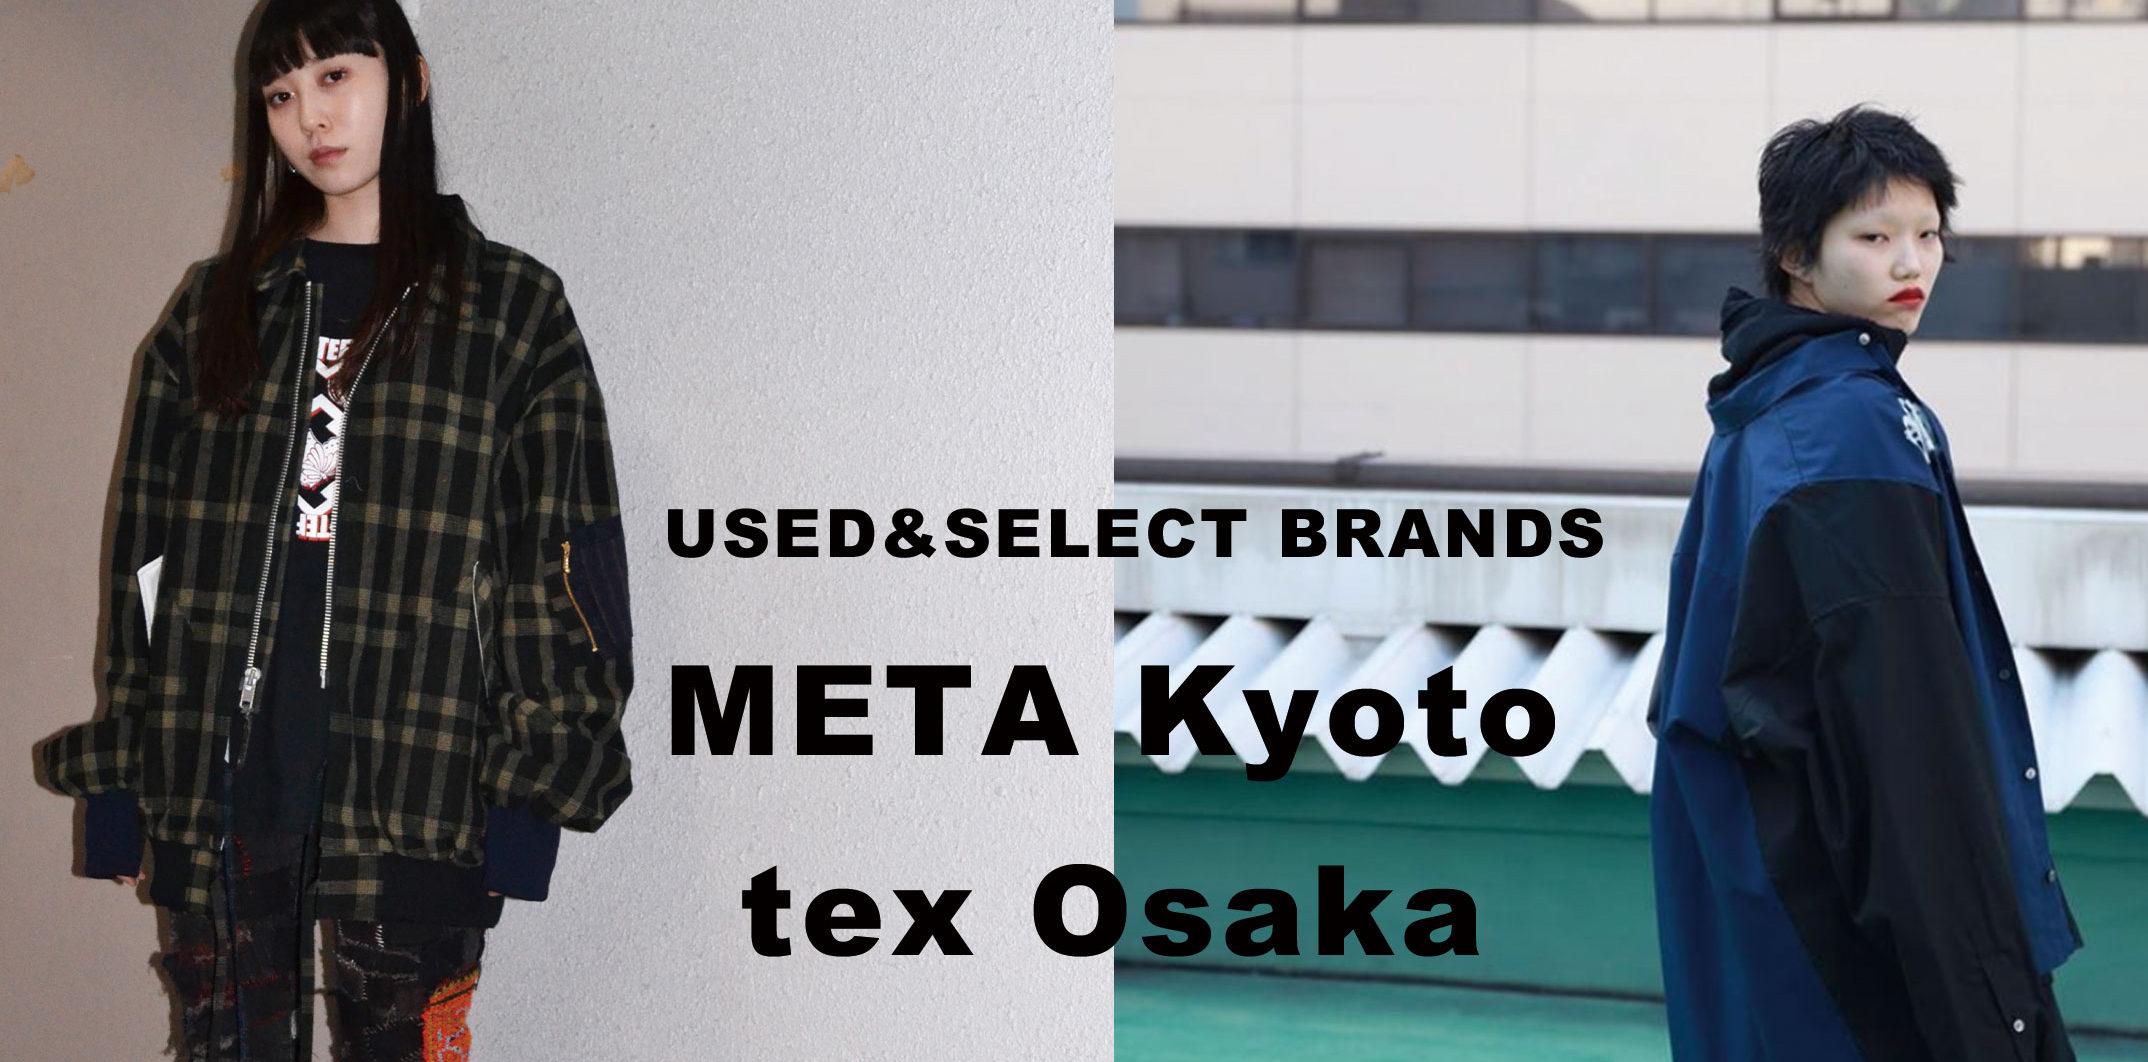 META kyoto , tex osaka